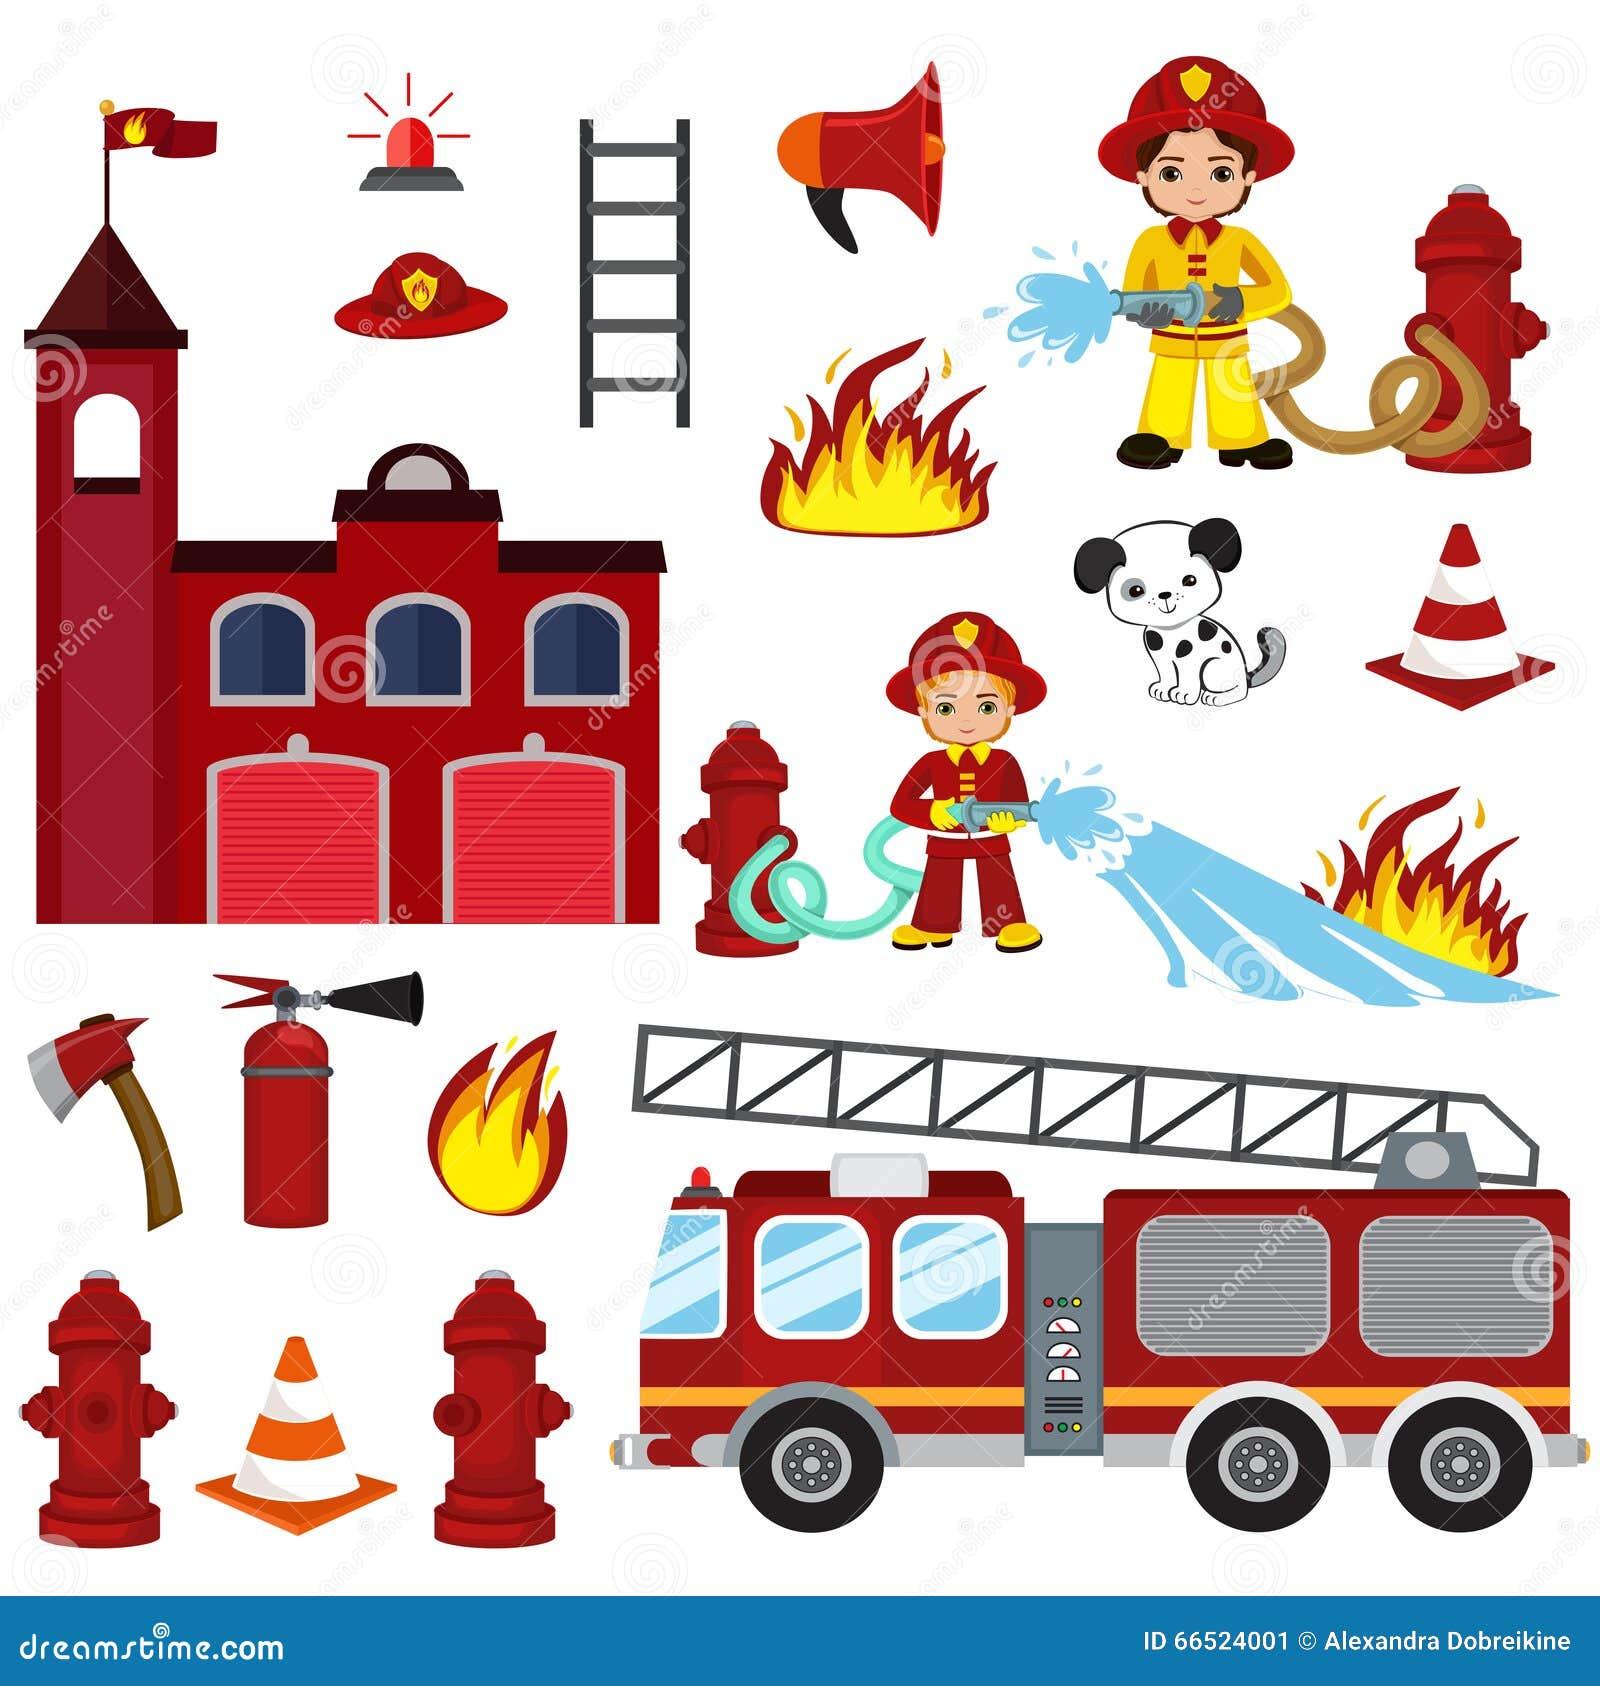 Характеры, шланг, пожарное депо, пожарная машина, пожарная сигнализация, гаситель, ось, и гидрант Firefighting